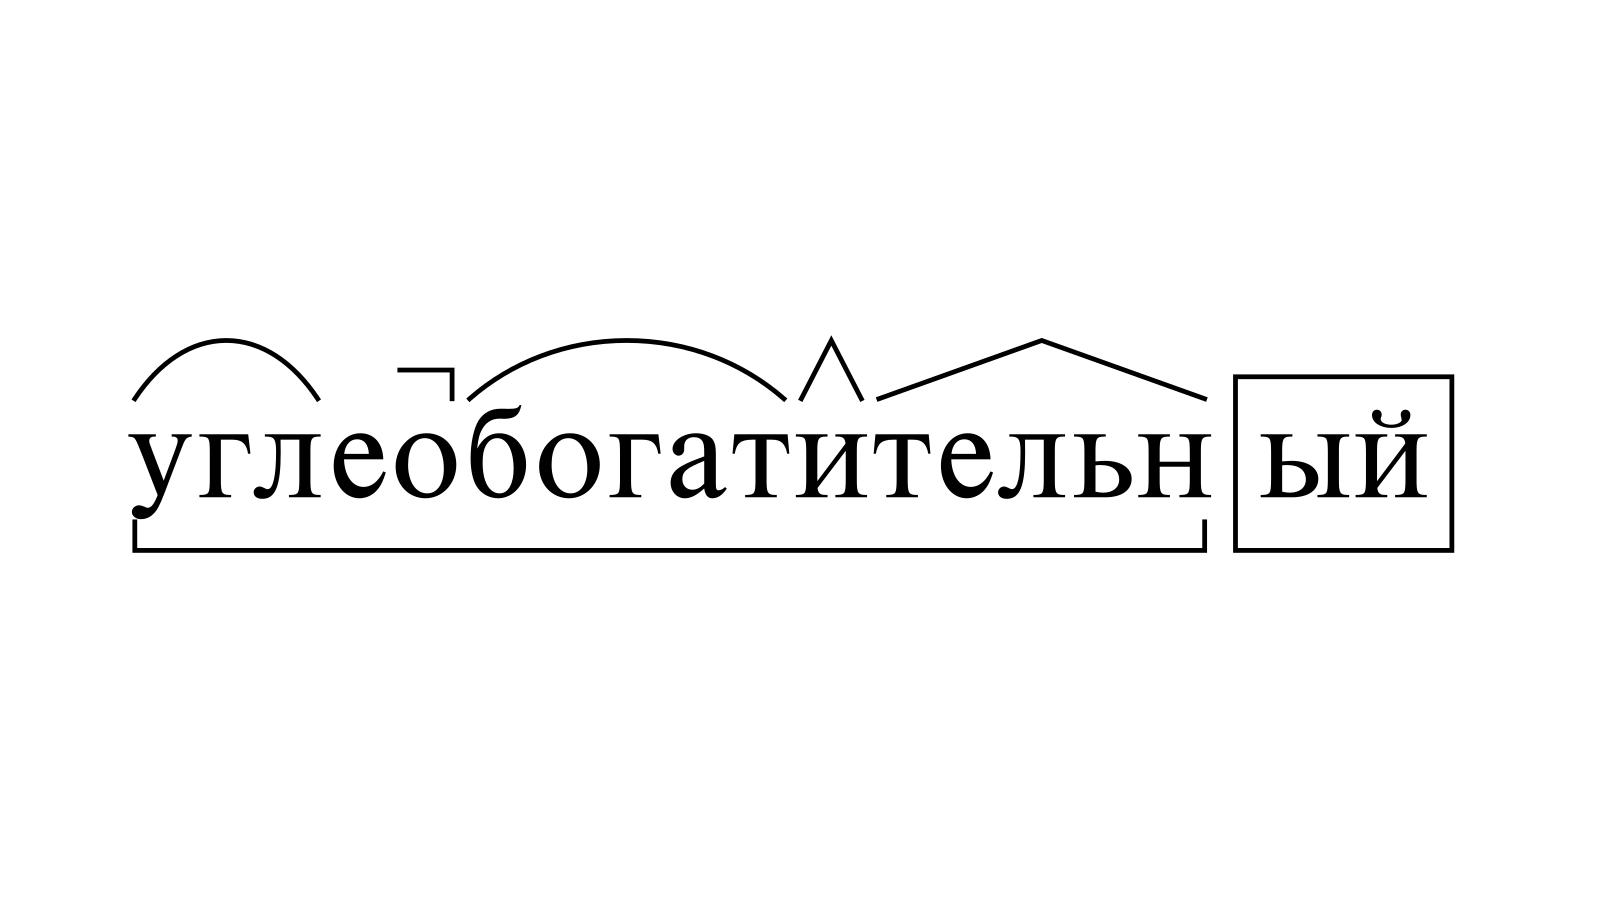 Разбор слова «углеобогатительный» по составу